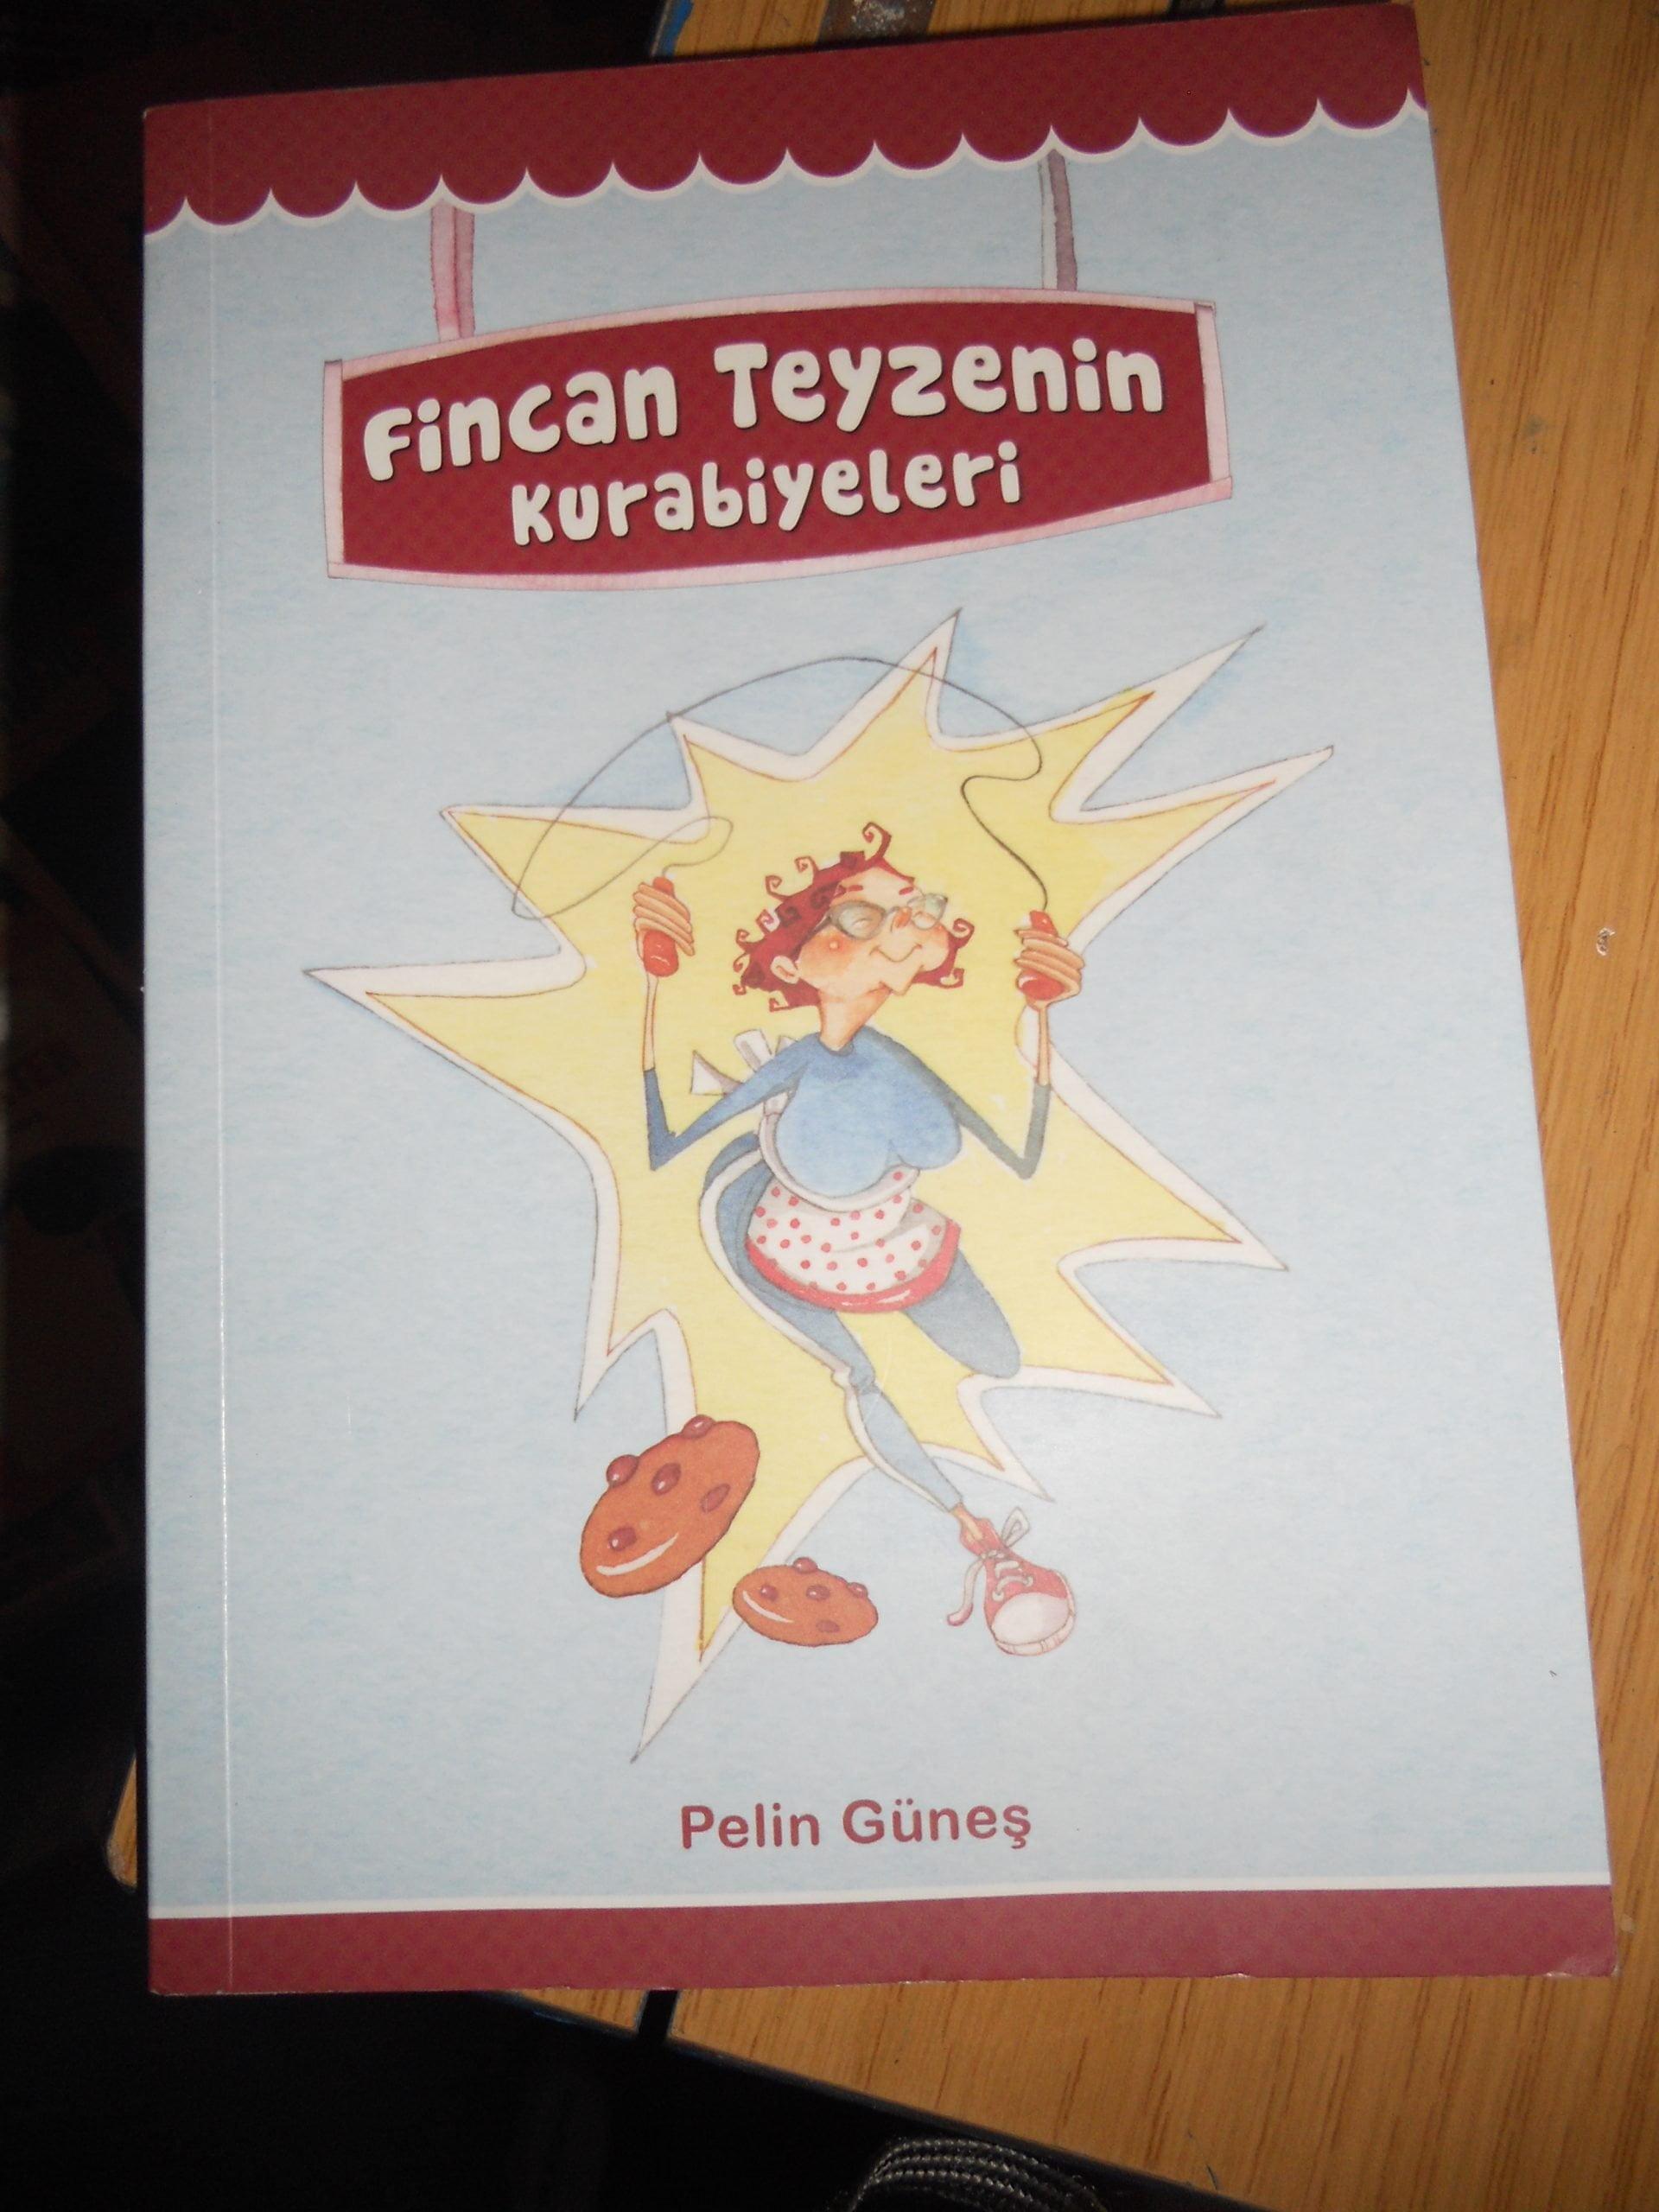 FİNCAN TEYZENİN KURABİYELERİ/Pelin GÜNEŞ/15 TL